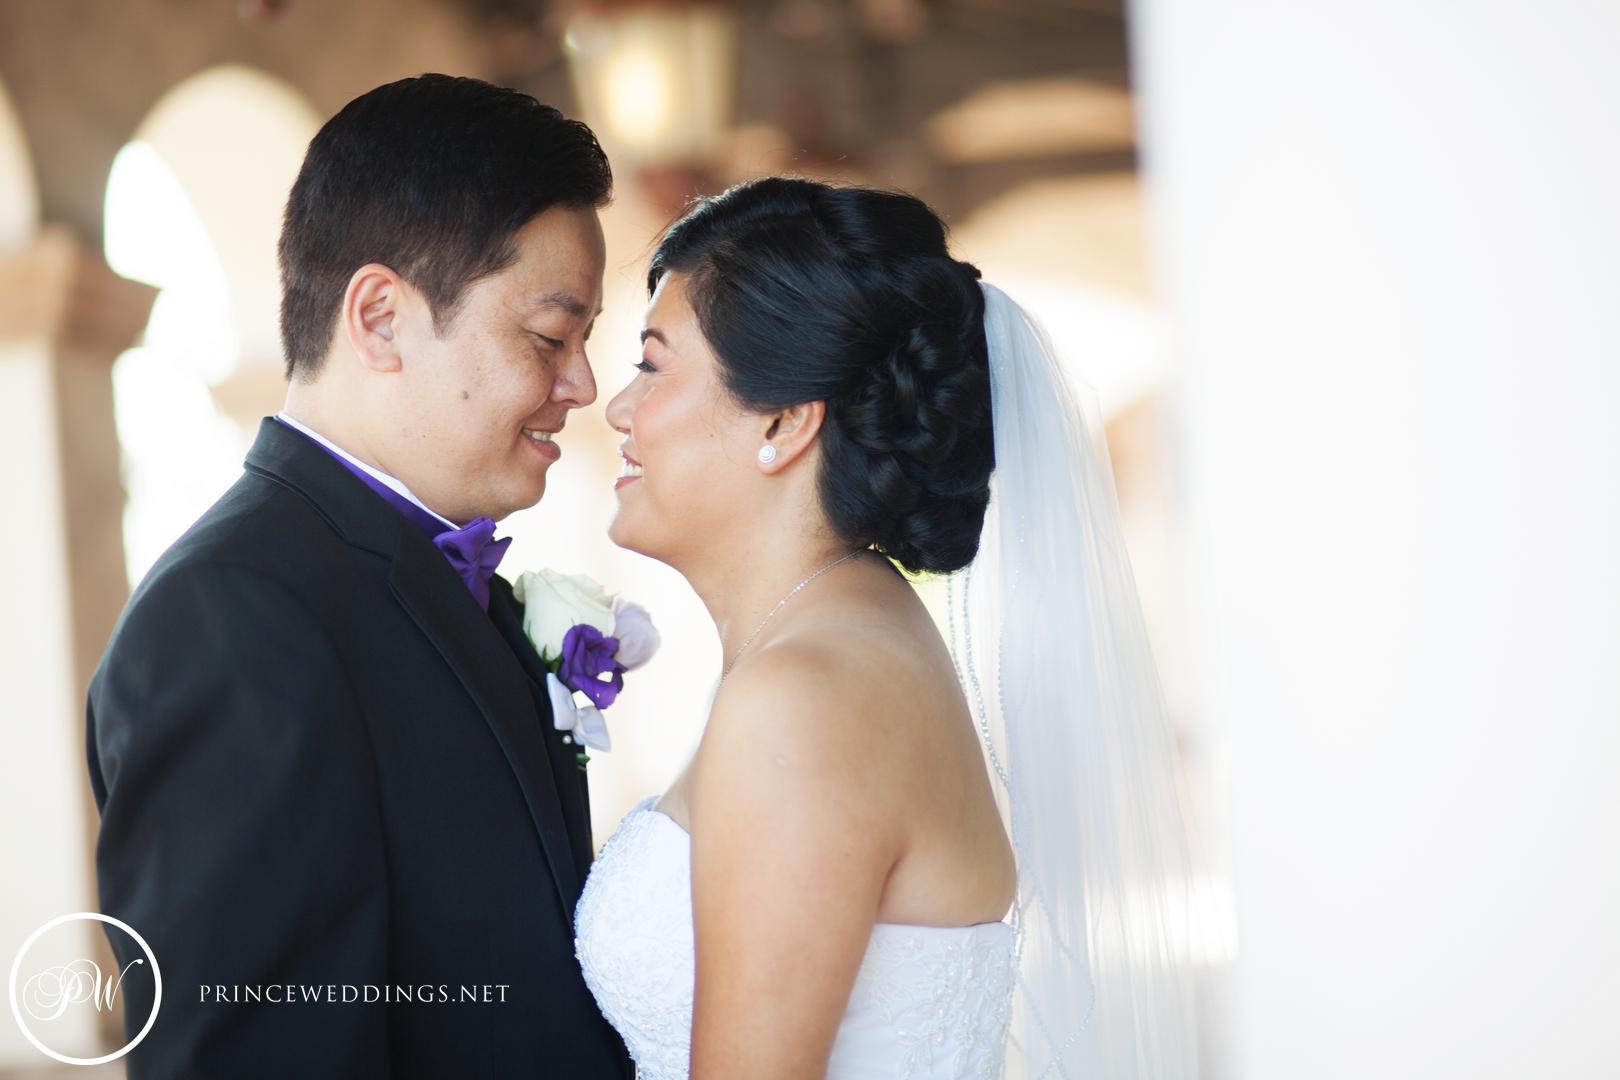 TurnipRose_Wedding_Photography_James+Luisa32.jpg